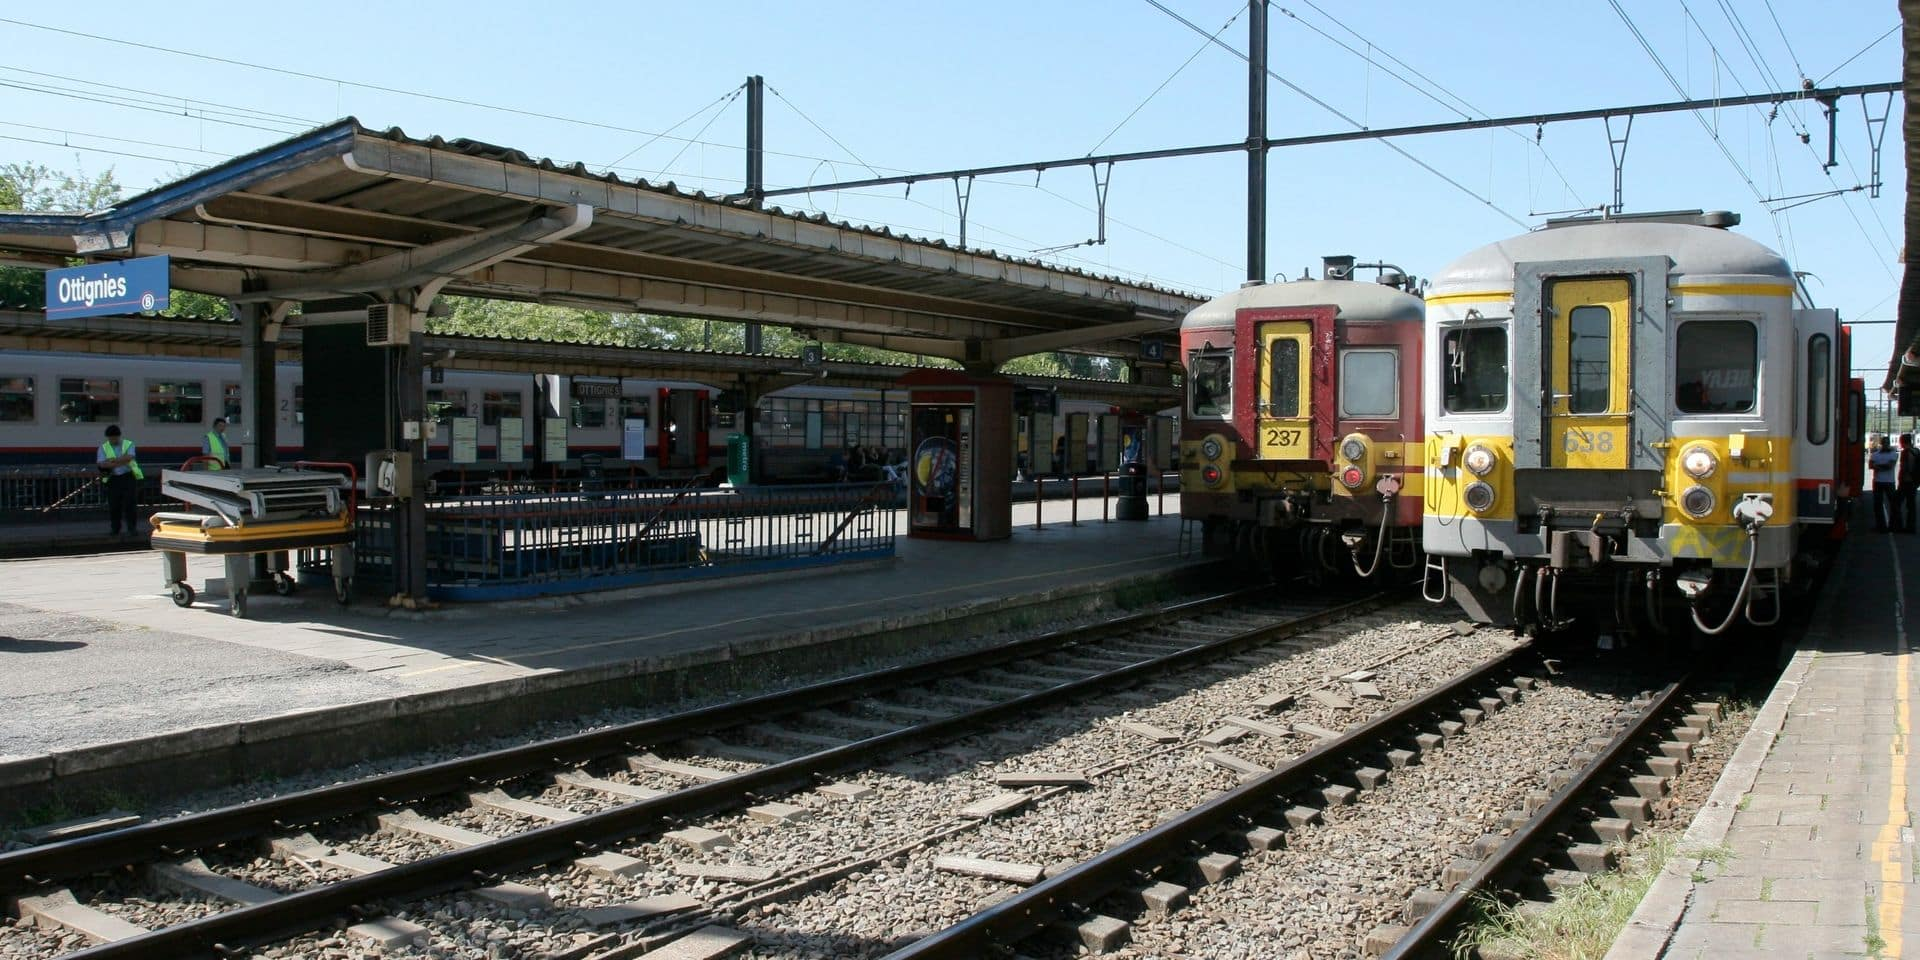 Trafic ferroviaire rétabli sur une voie entre Louvain et Weert-Saint-Georges: des retards encore à prévoir sur la ligne Louvain-Ottignies